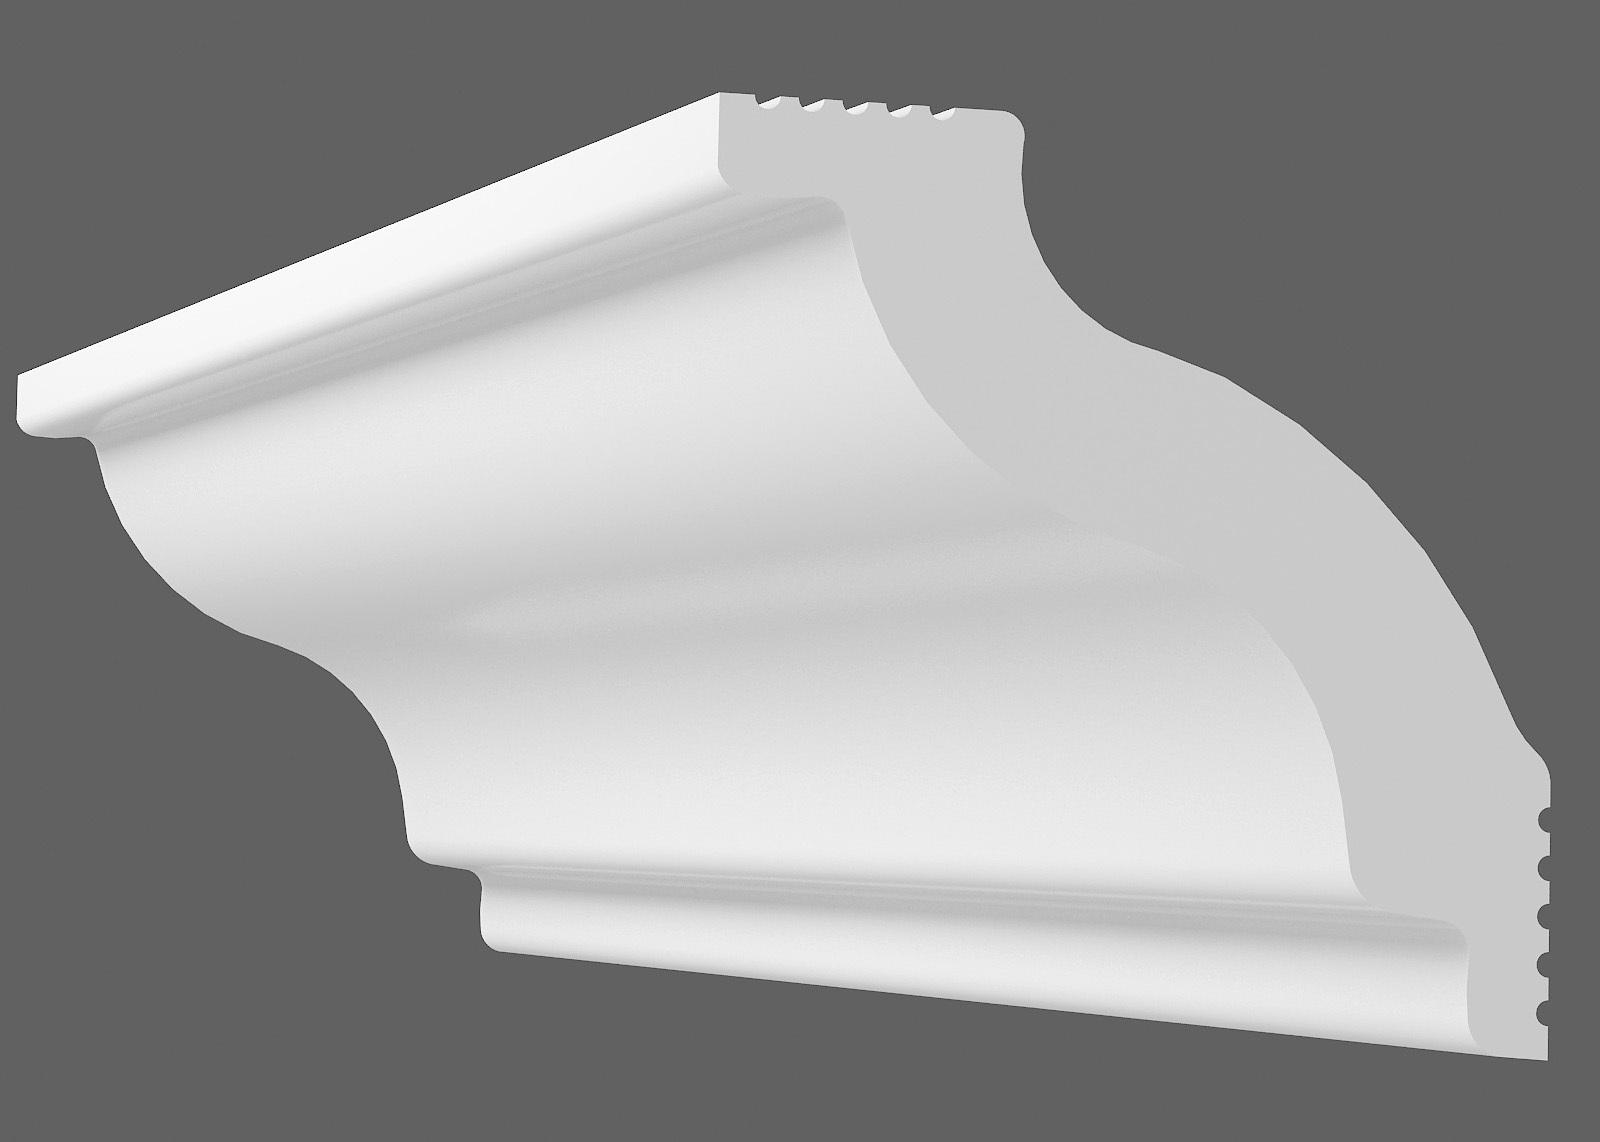 Потолочный плинтус C-45 (Размер:40х45мм)